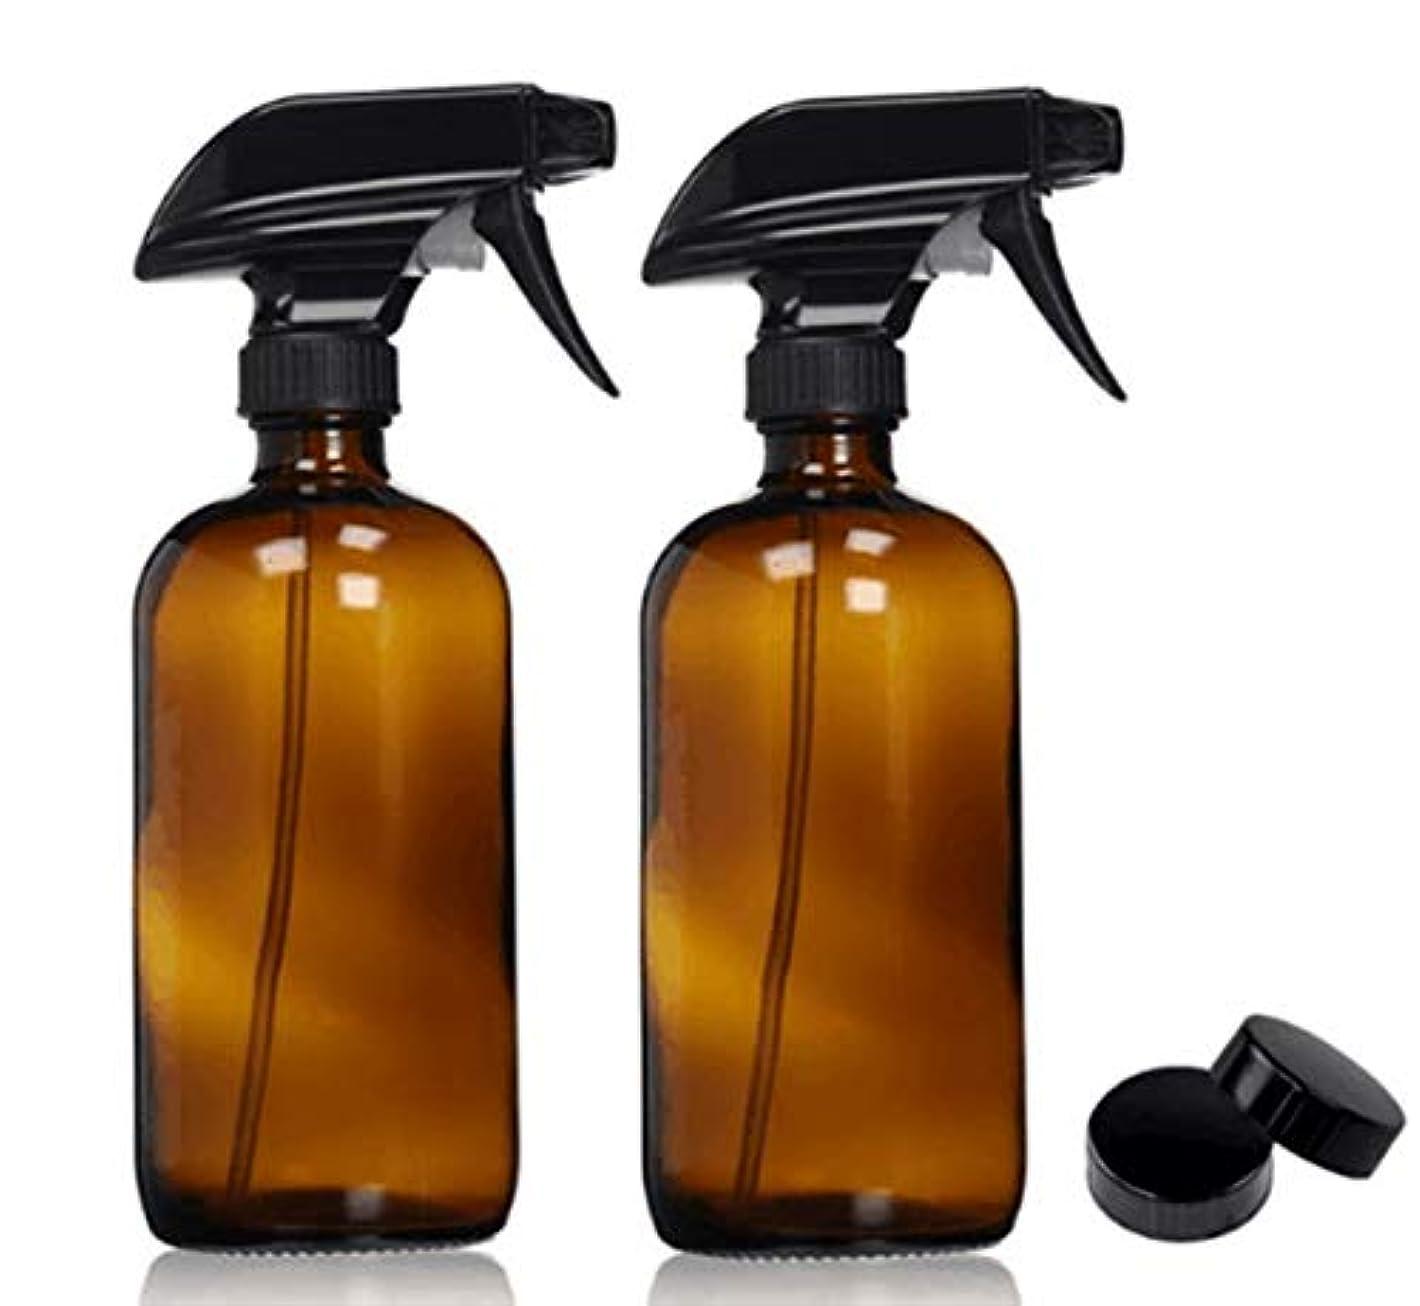 アイデアガム冷酷なTASORE スプレーボトル 遮光スプレー 霧吹き 3個セット 500ml/250ml ボトルキャップ付き 細かいミスト 詰め替え容器 耐久性 家庭用 保湿スプレー 植物水やり